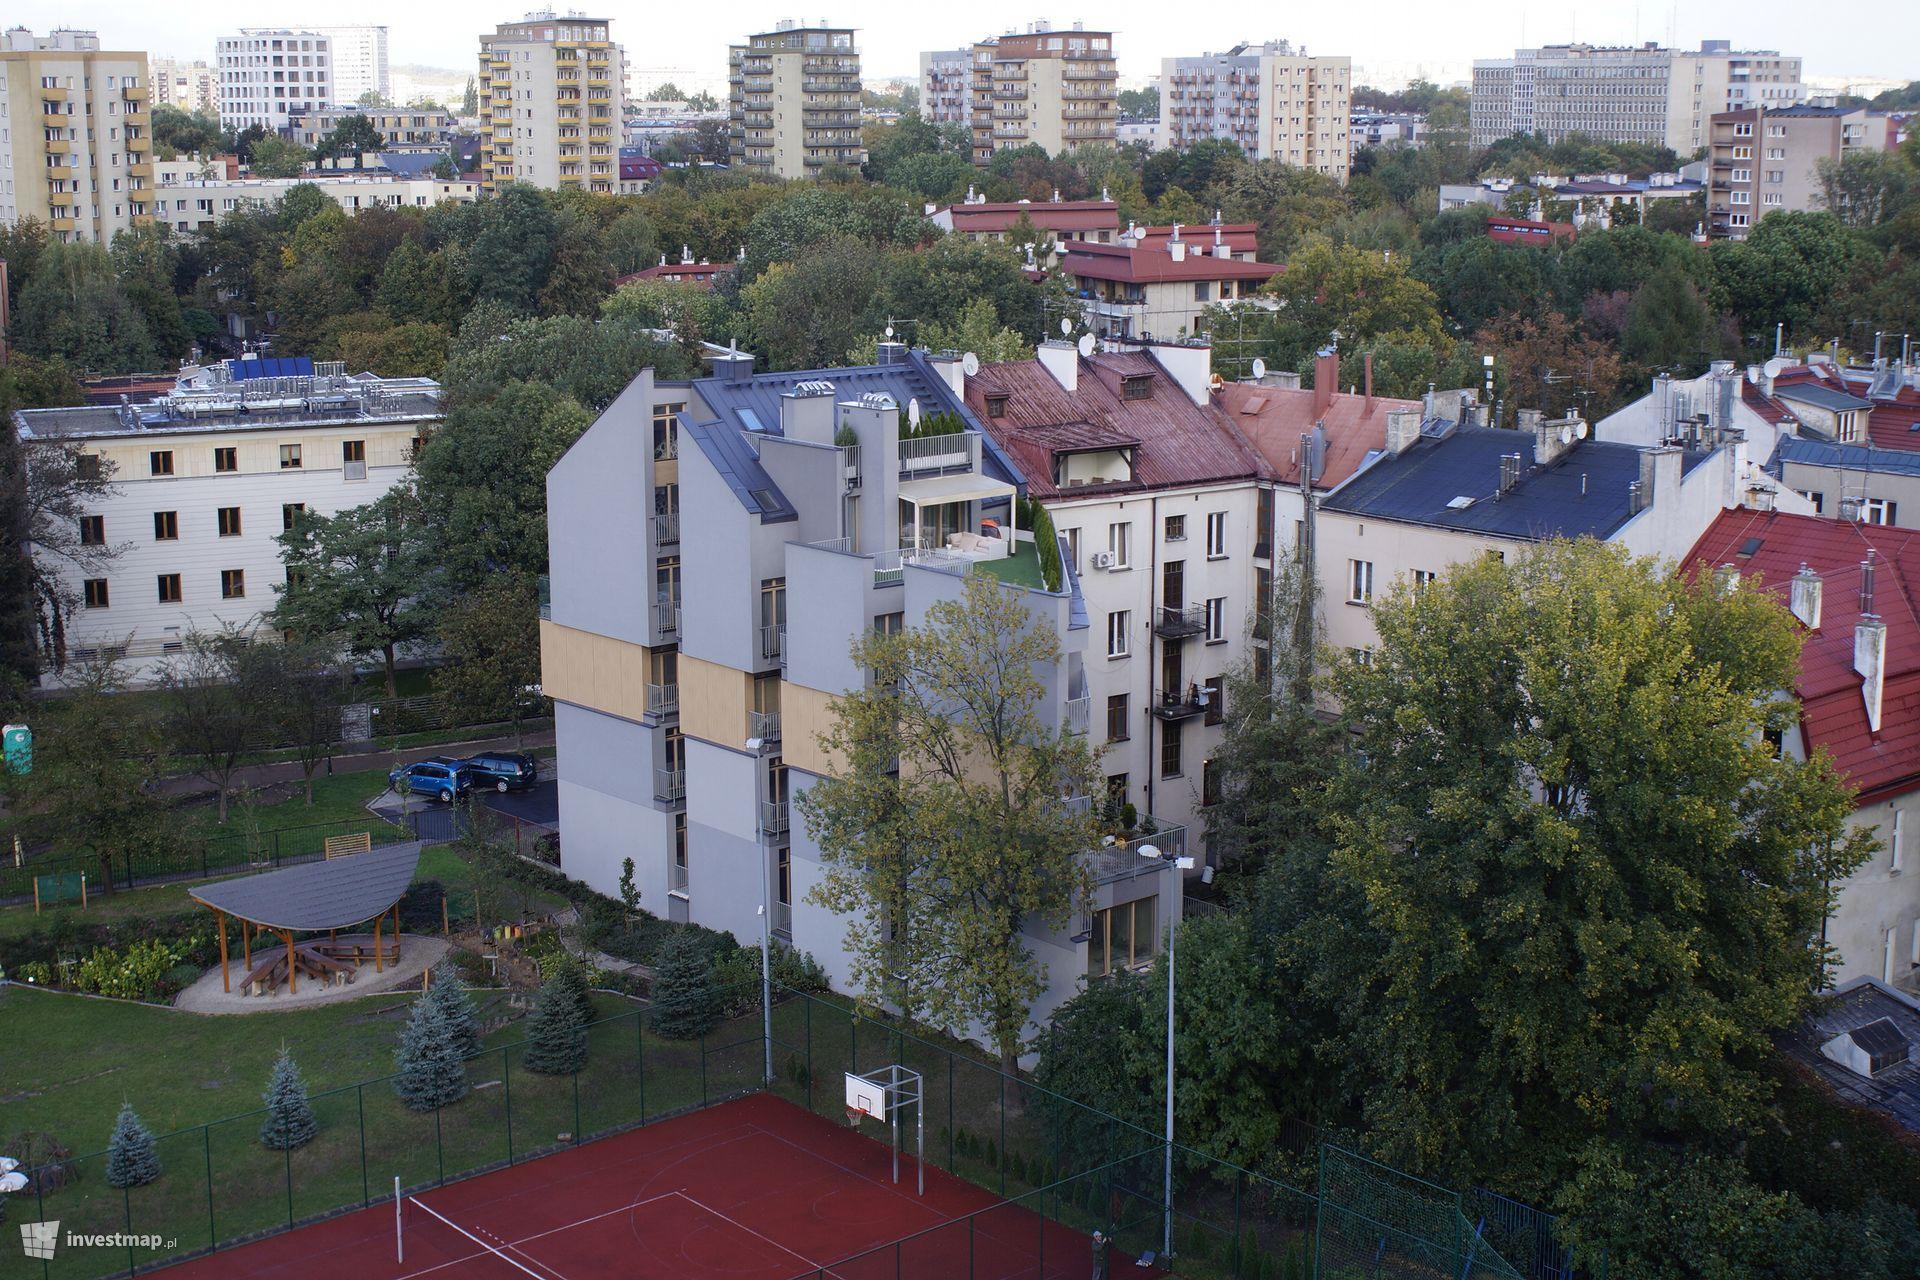 Apartamentowiec, Al. Grottgera 34